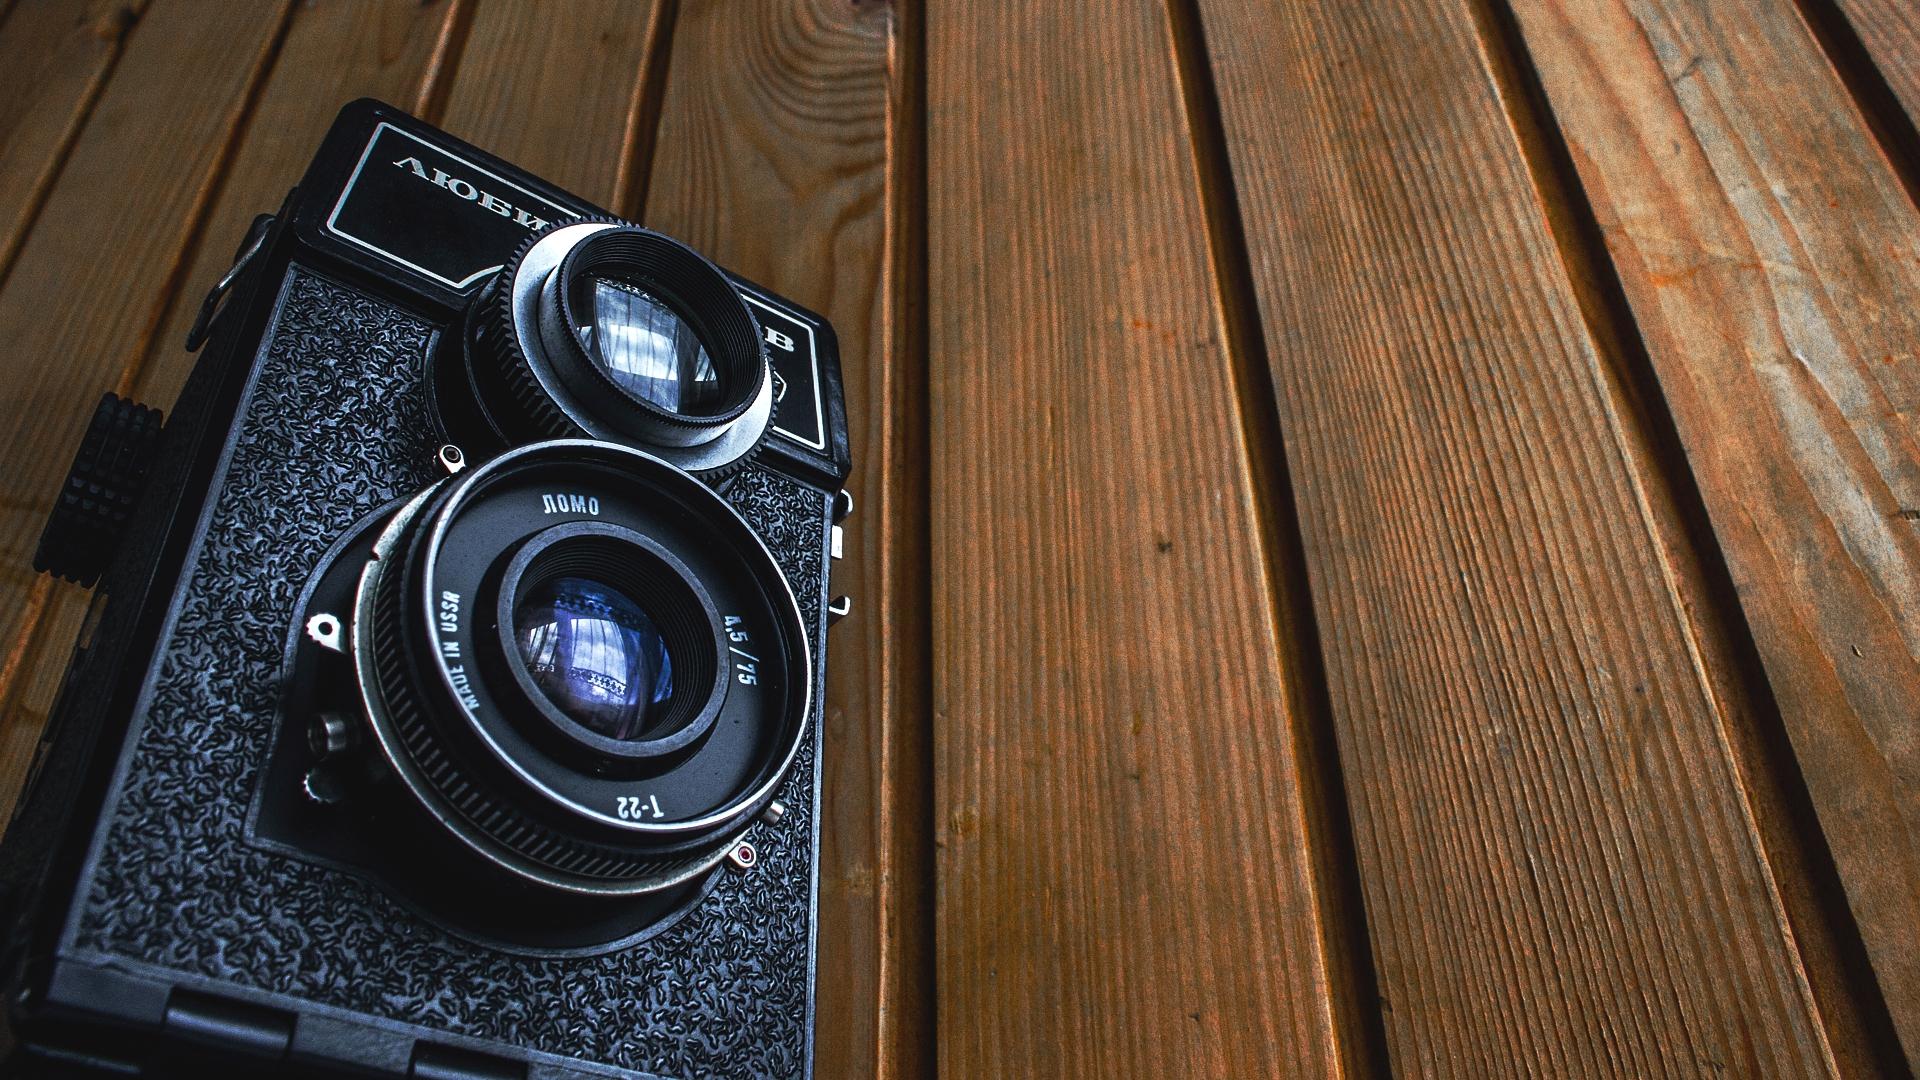 Hd wallpaper camera - Hd Wallpaper Camera 33